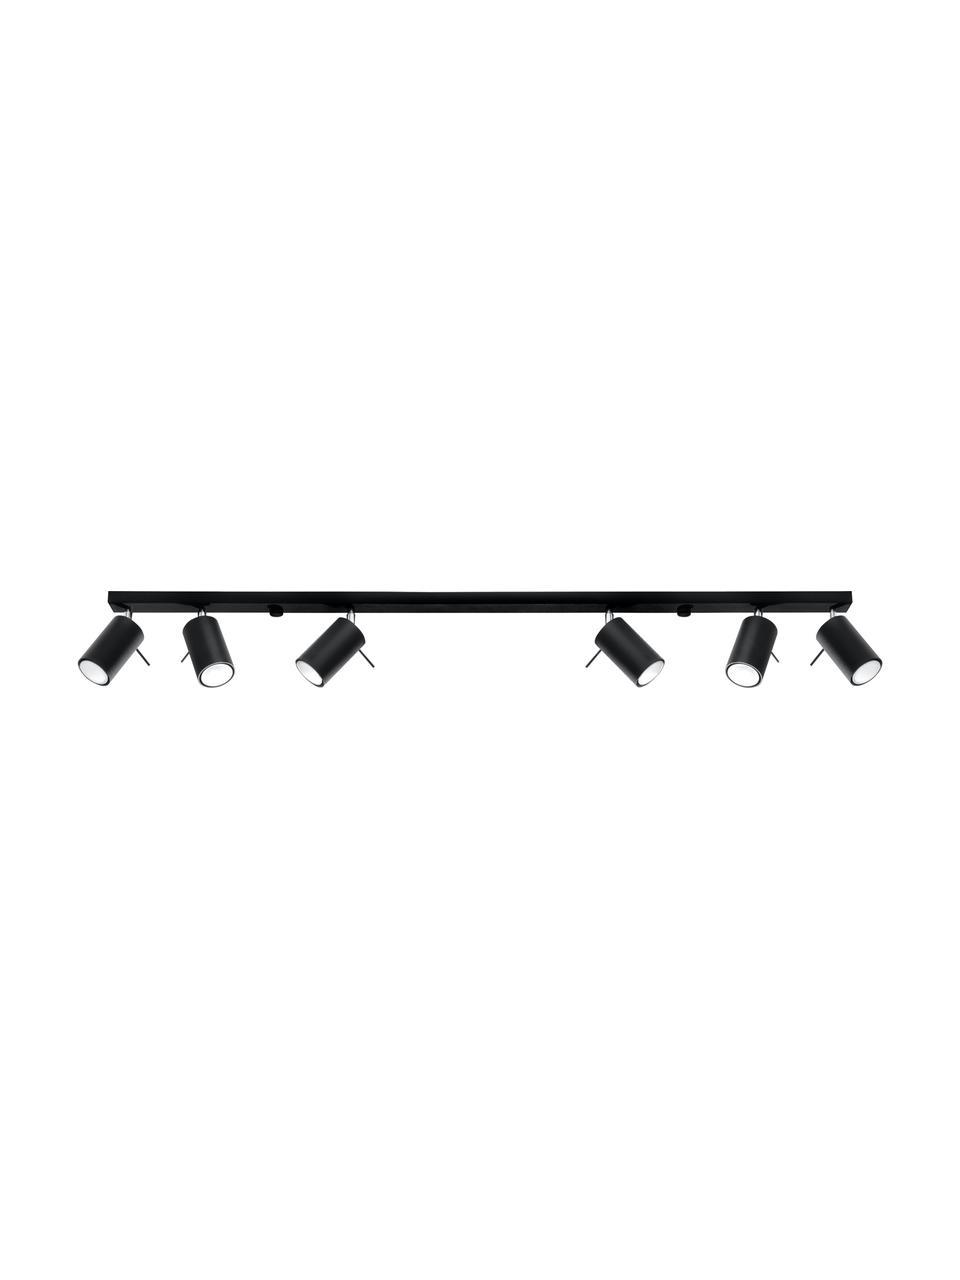 Faretti da soffitto neri Etna, Acciaio, Nero, Larg. 117 x Alt. 16 cm